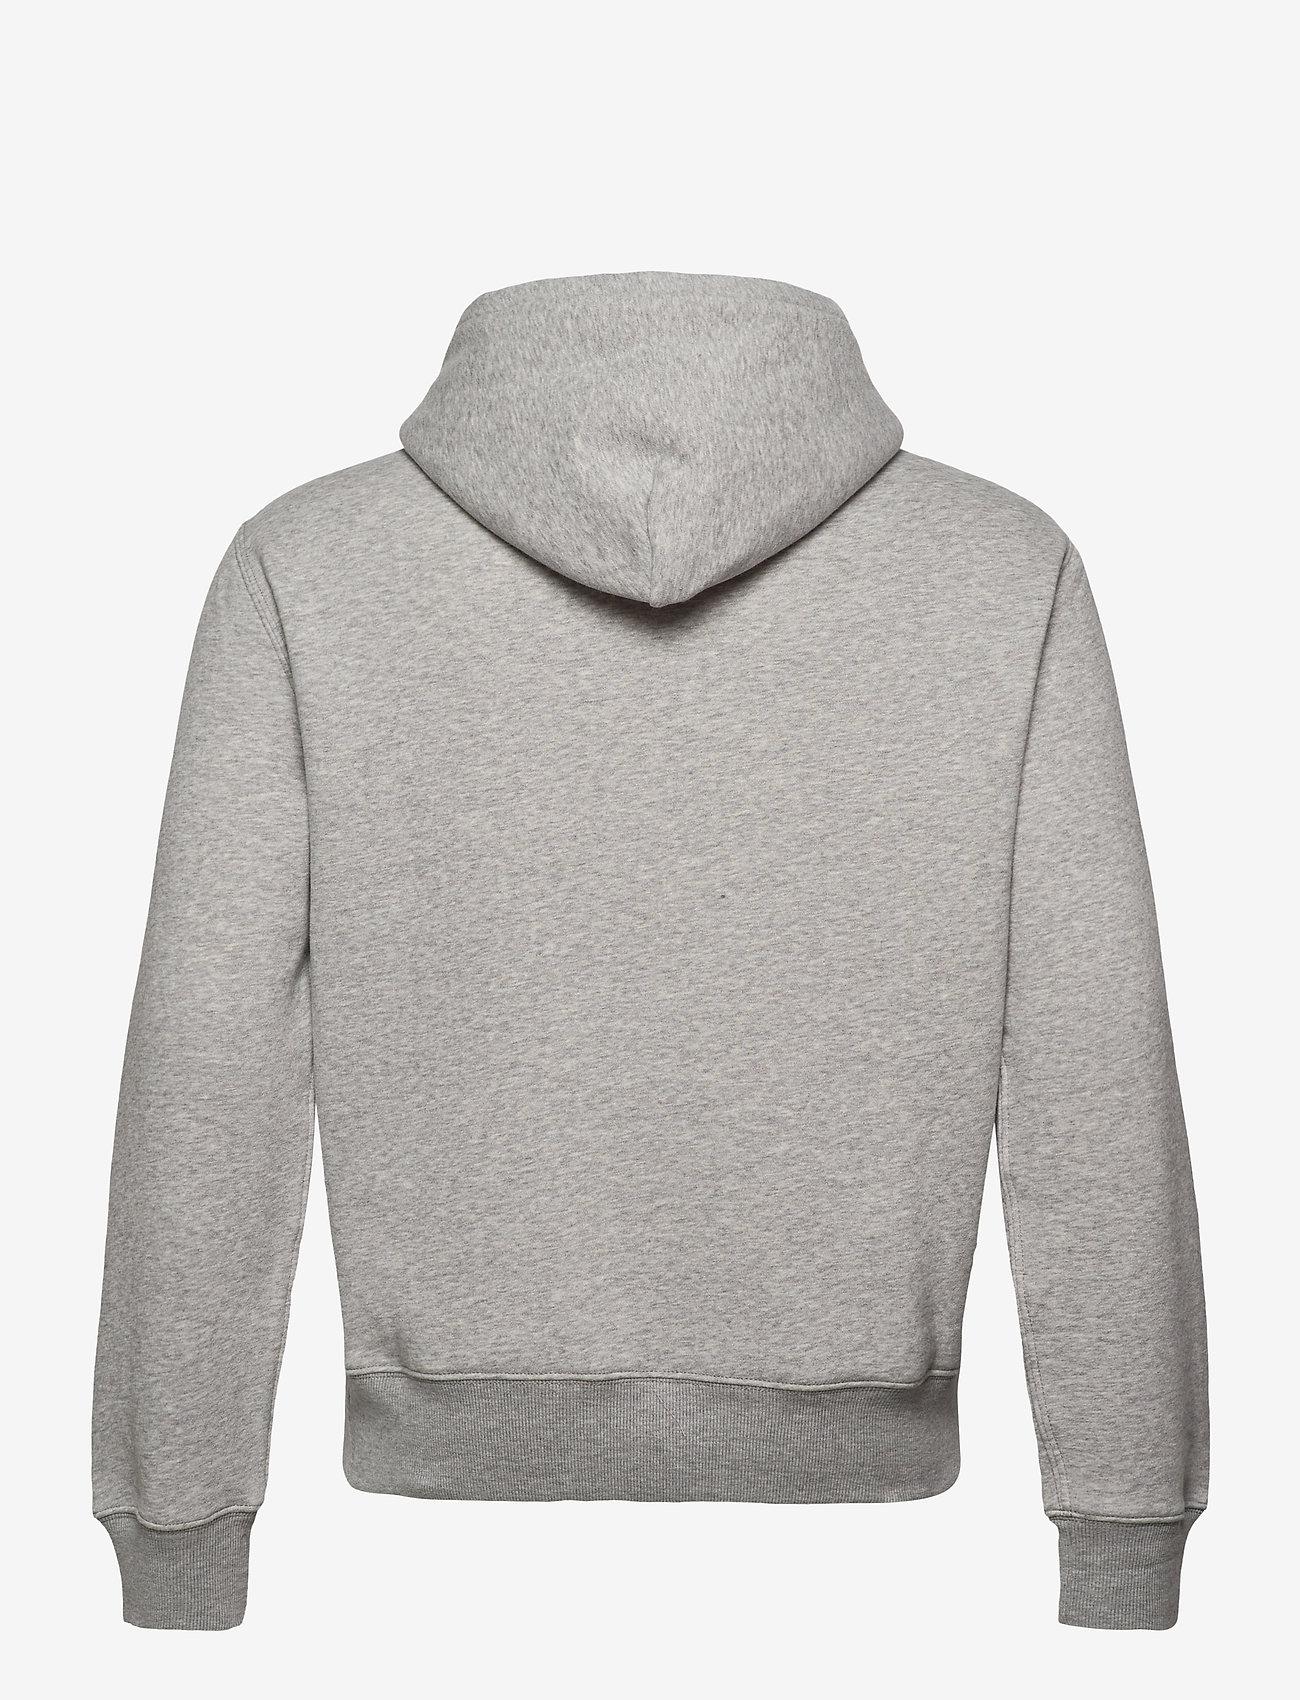 Polo Ralph Lauren - MAGIC FLEECE-LSL-KNT - hoodies - andover heather - 1